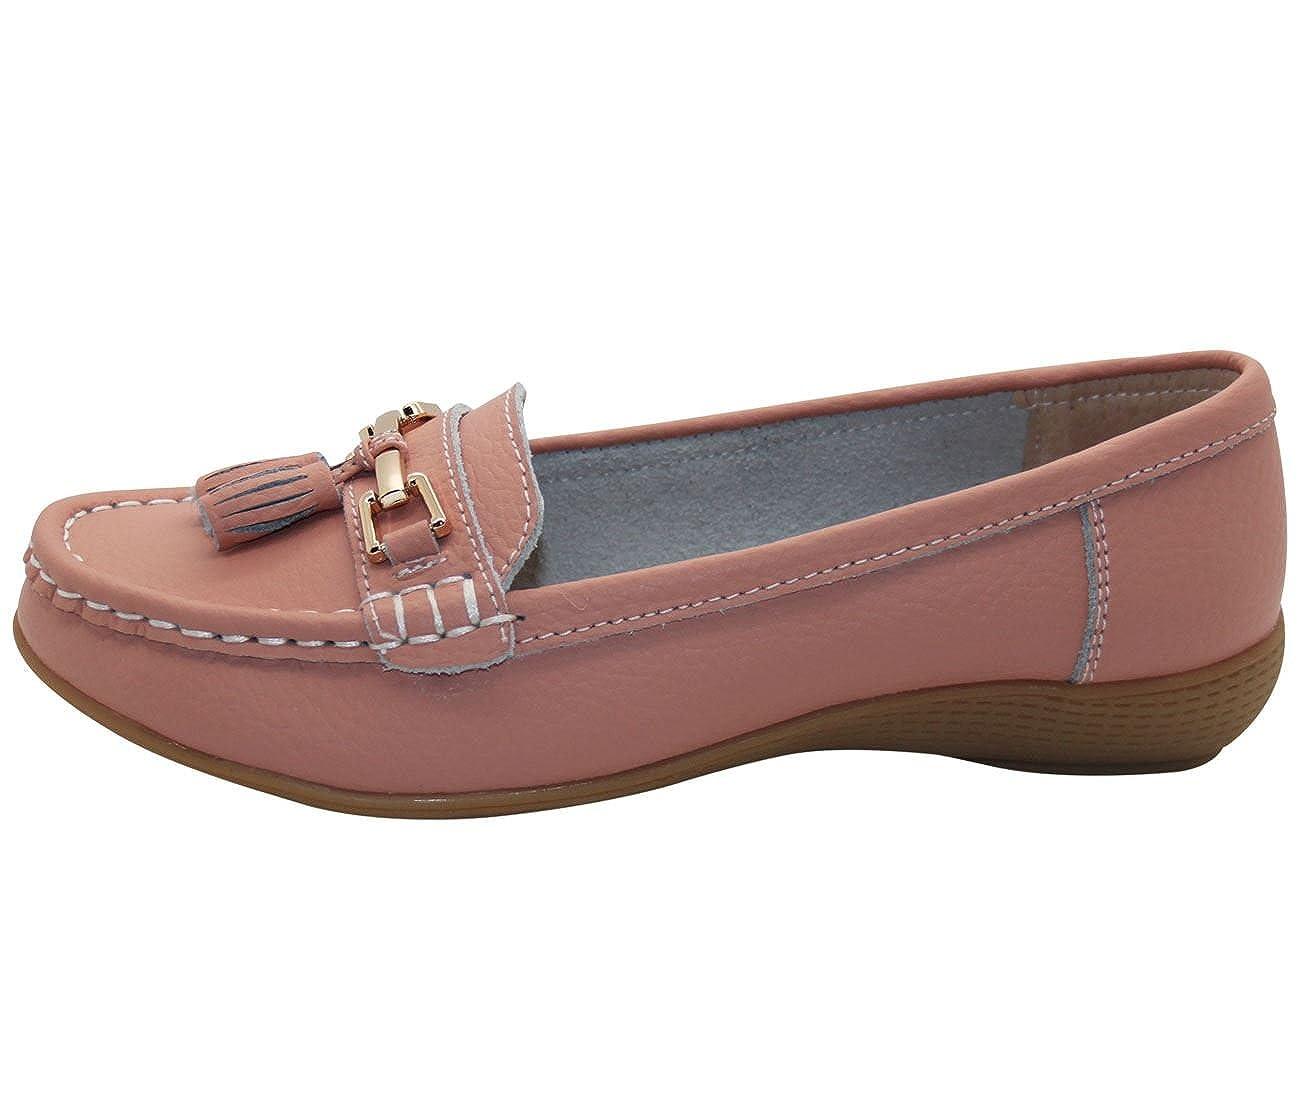 Jo & Joe Zapatos planos para mujer de piel con borlas, de estilo mocasín y marinero, color Azul, talla 37 1/3